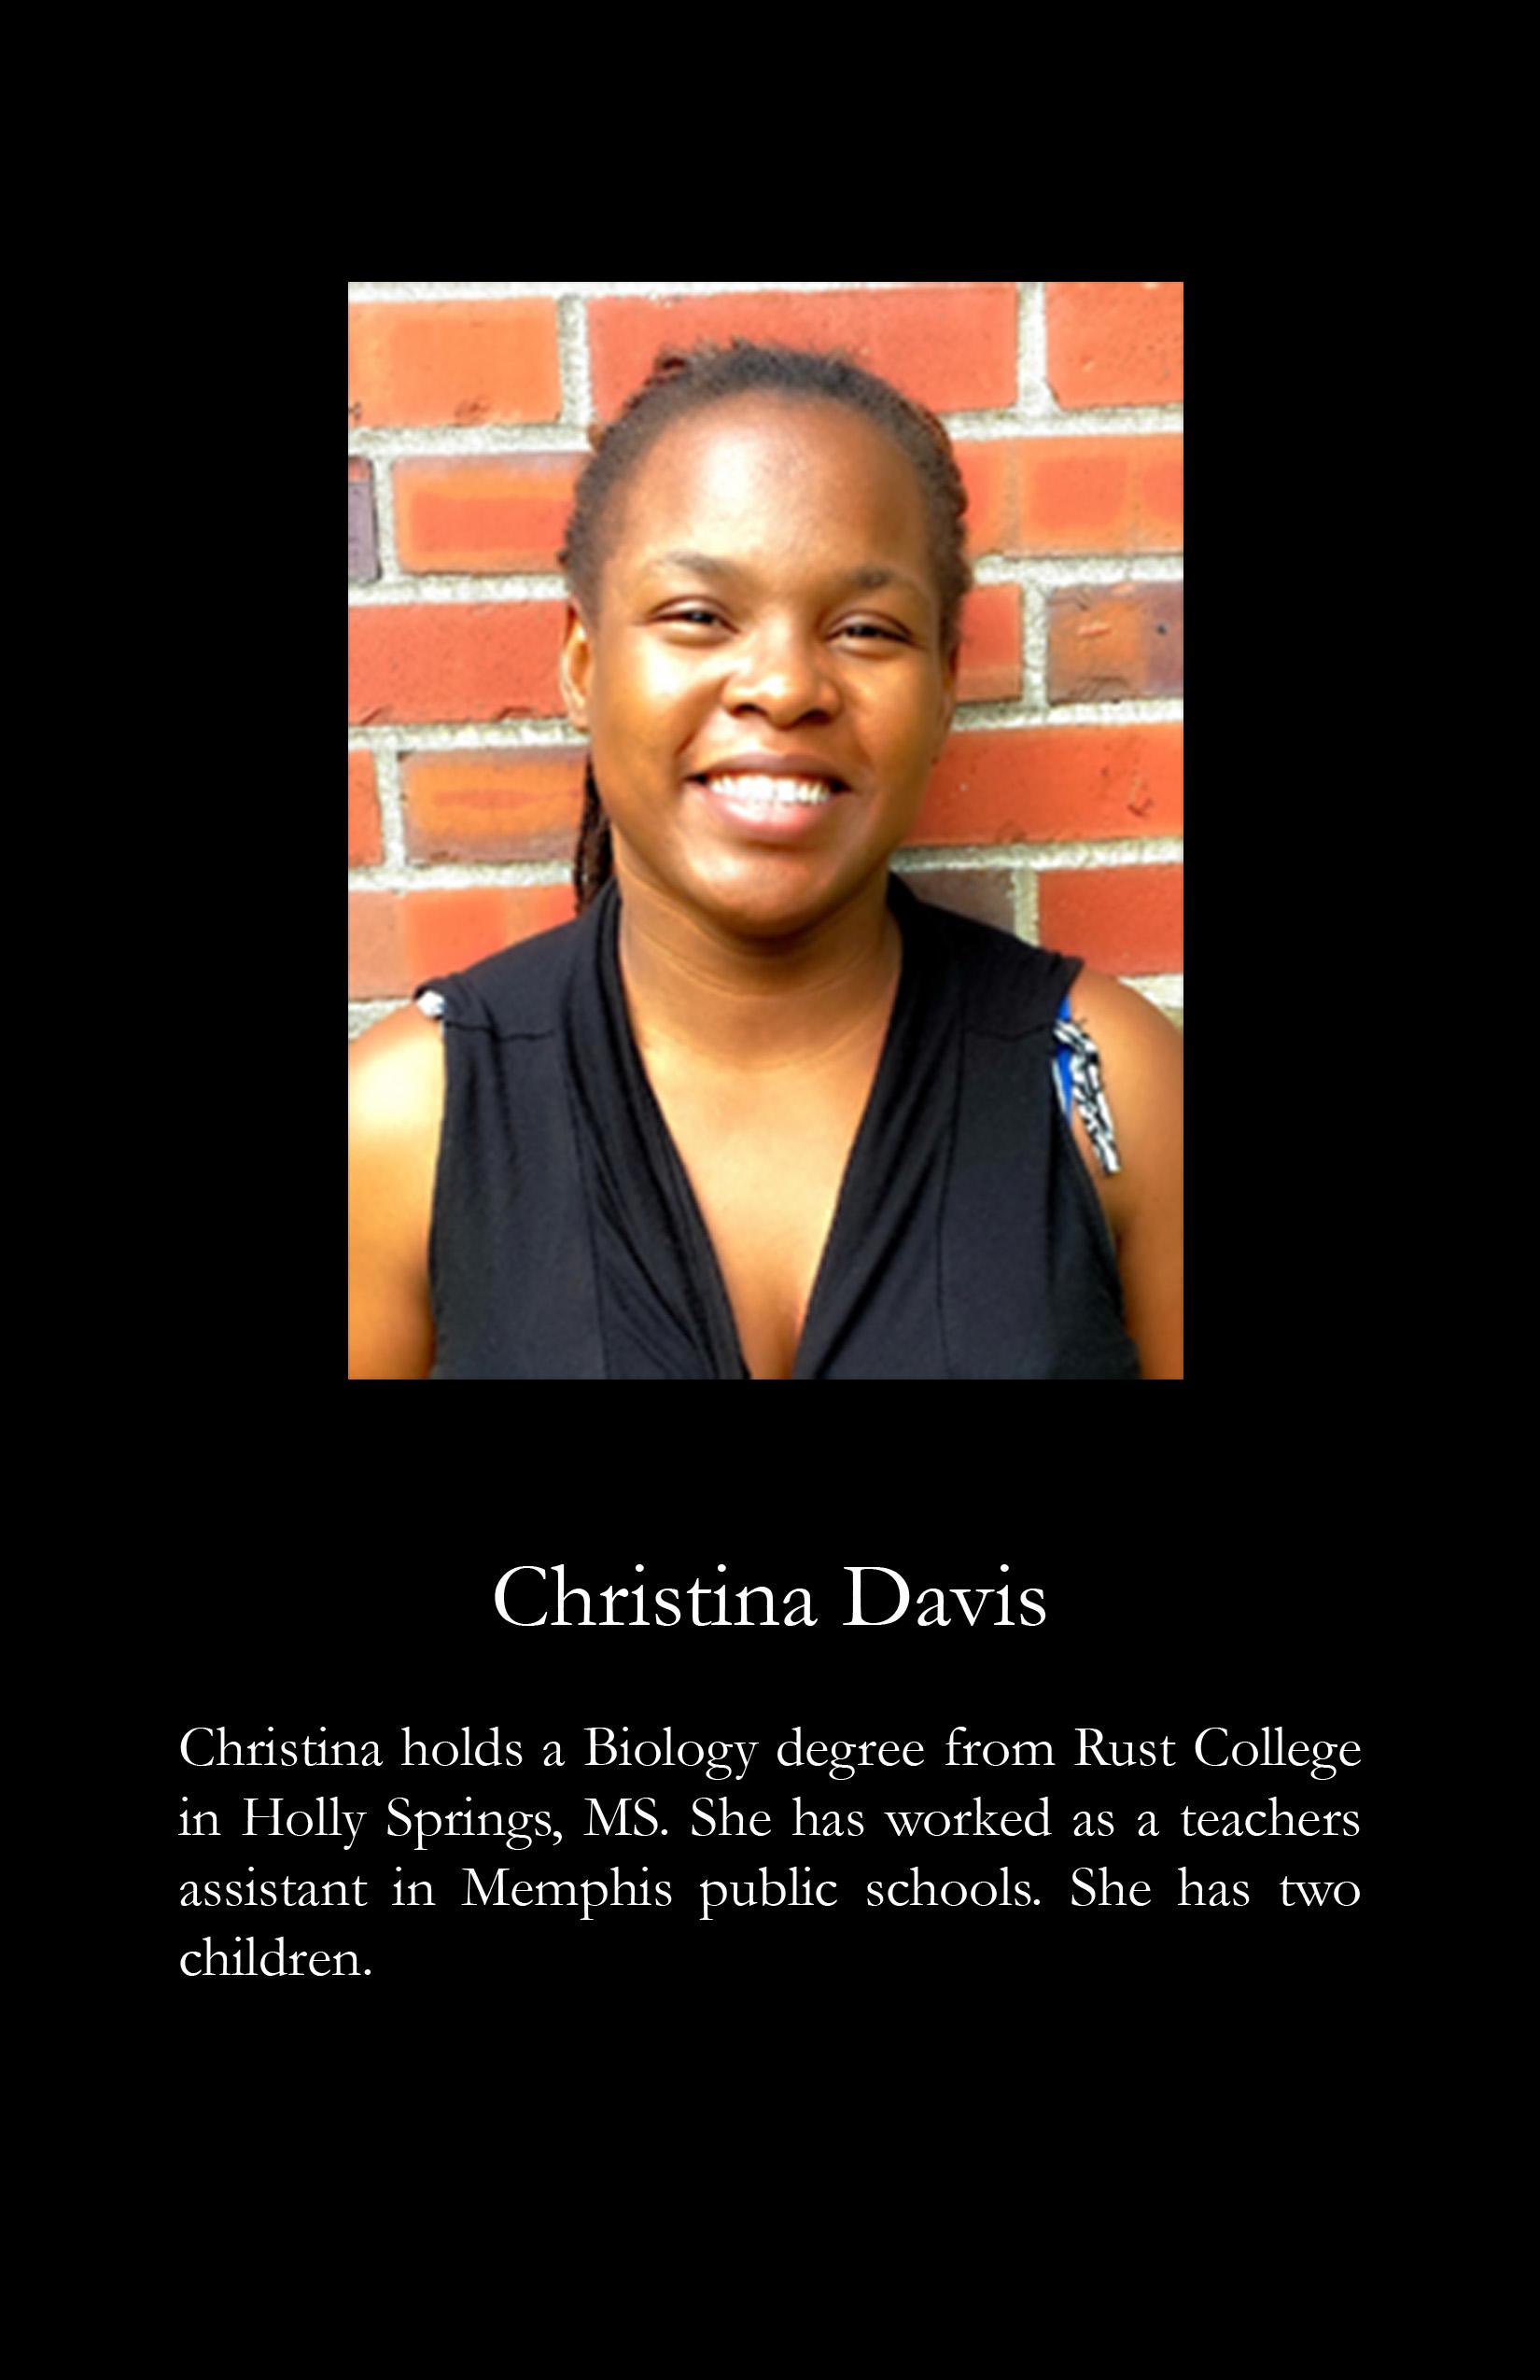 Christina Davis.jpg